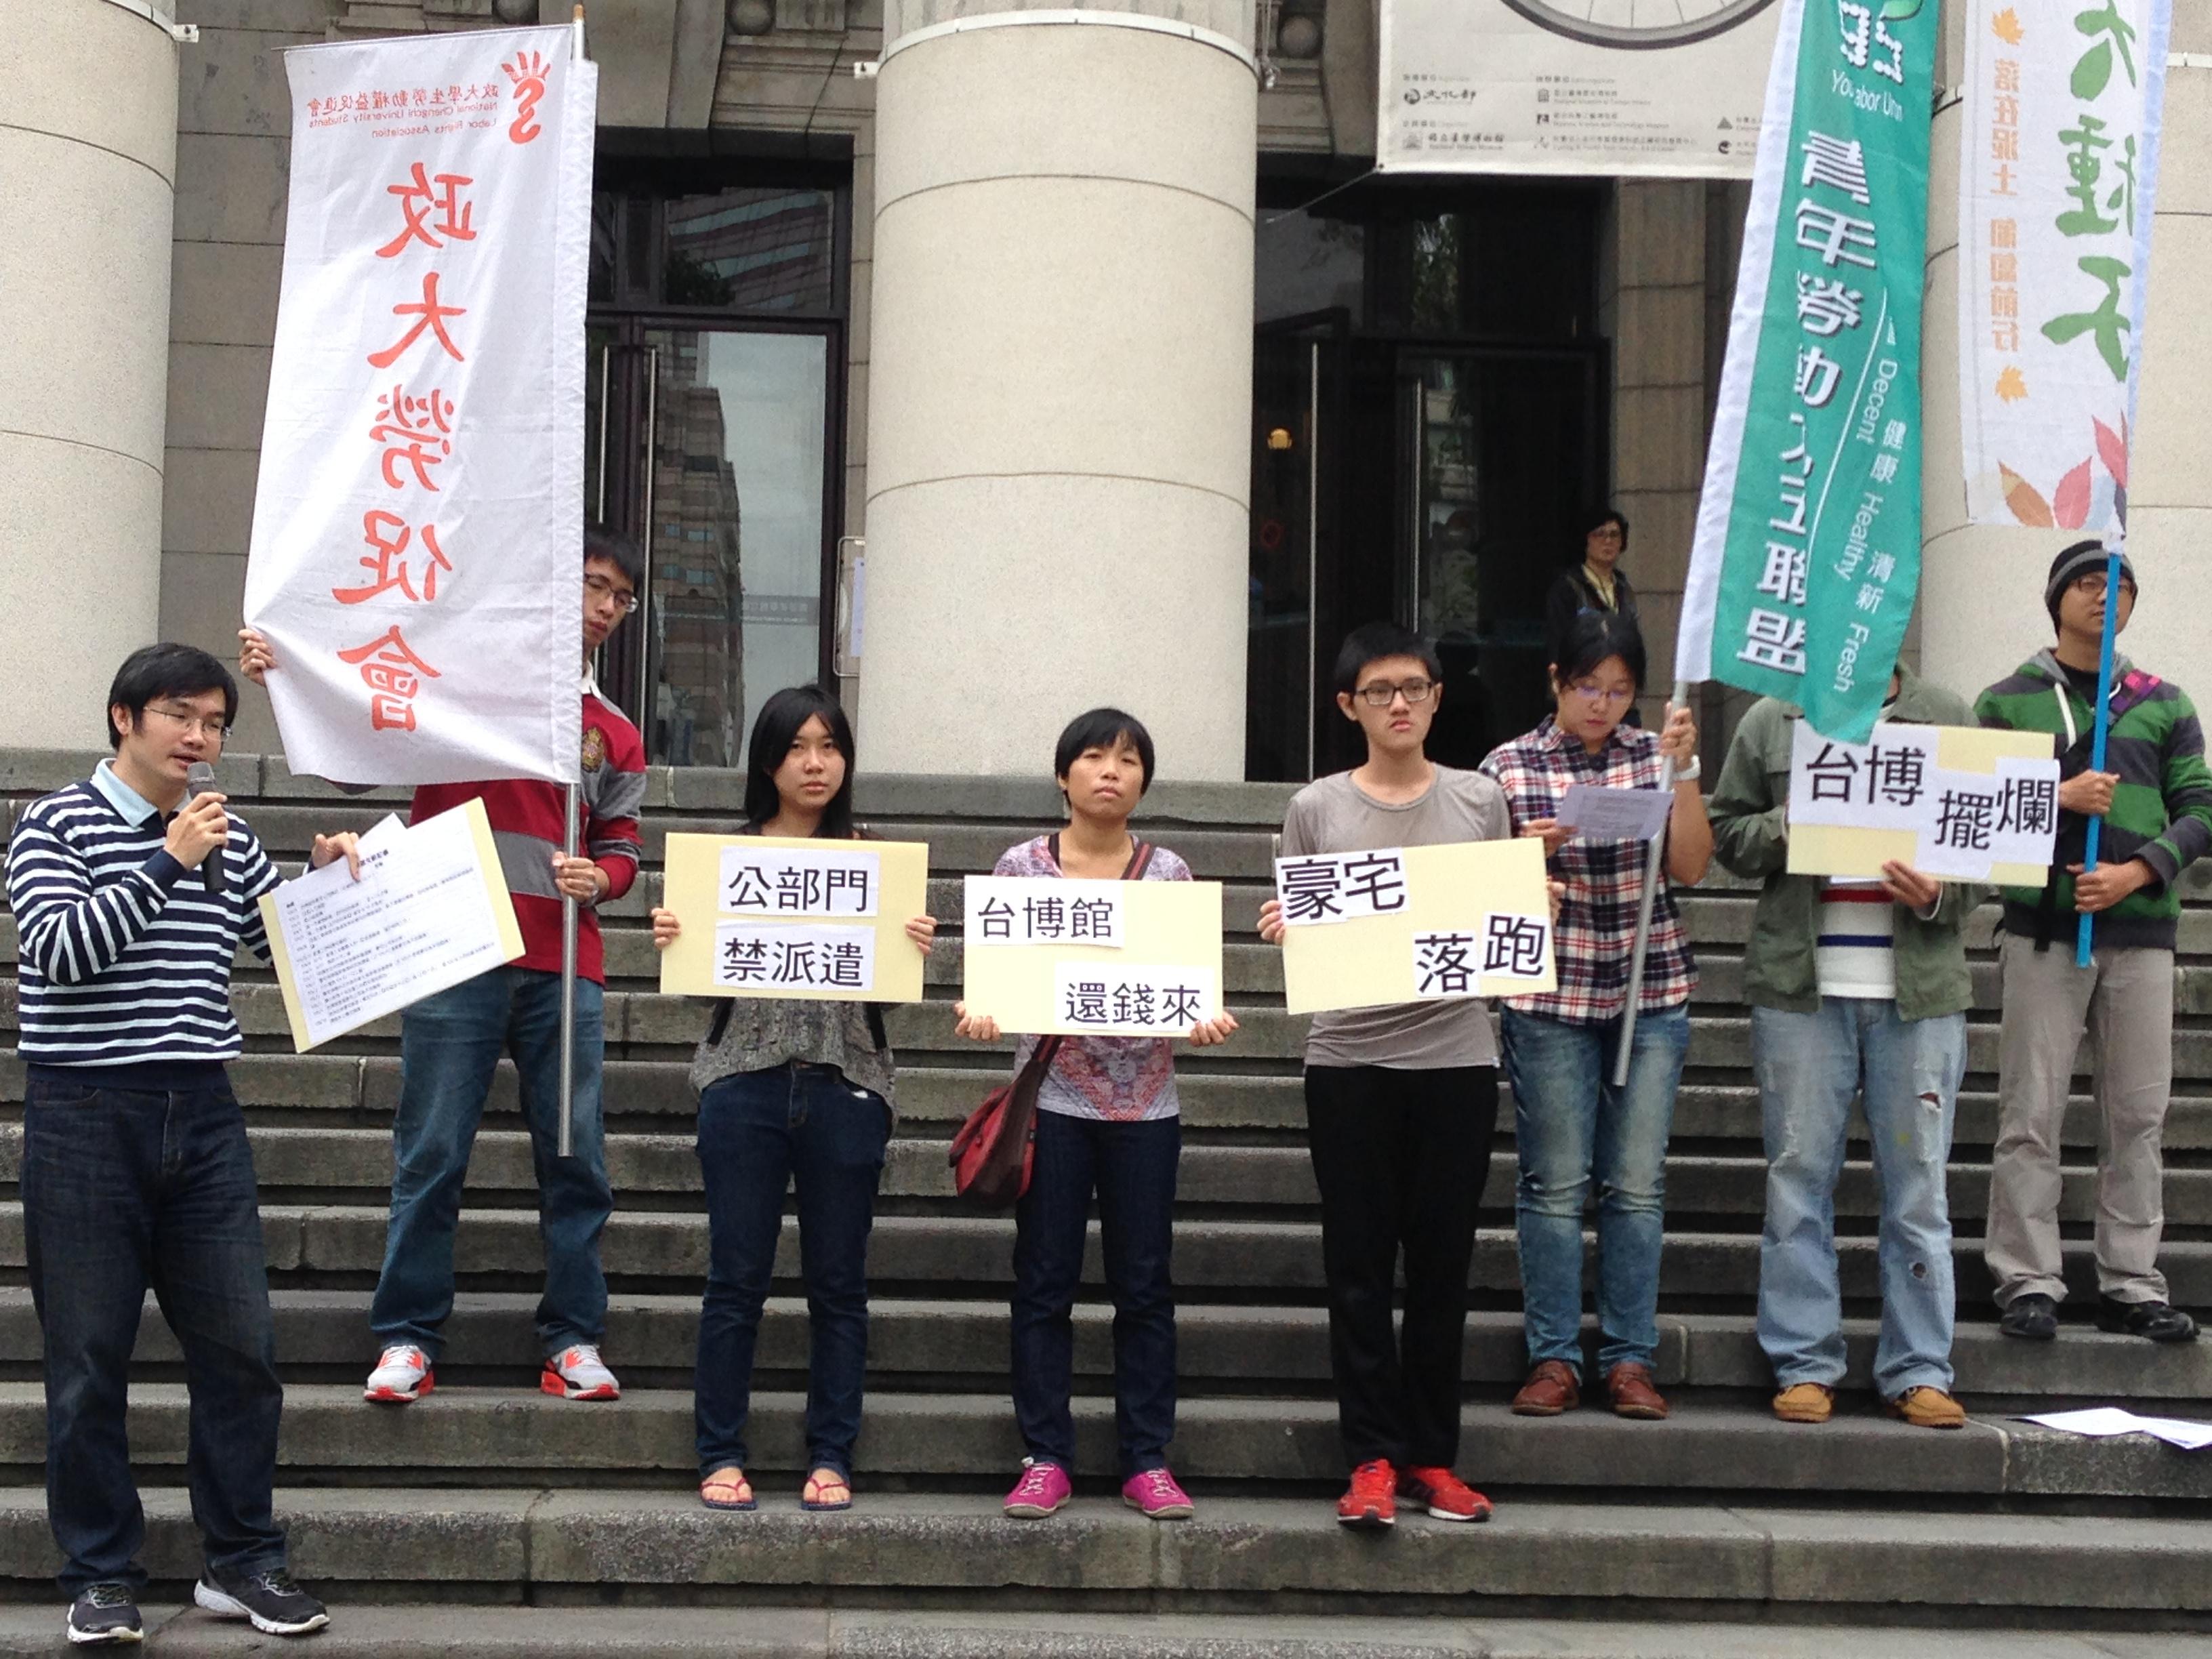 包含台灣工人先鋒協會、青年九五勞動聯盟等勞團,與台博館派遣工陳小姐一同爭取欠薪。(攝影:張宗坤)